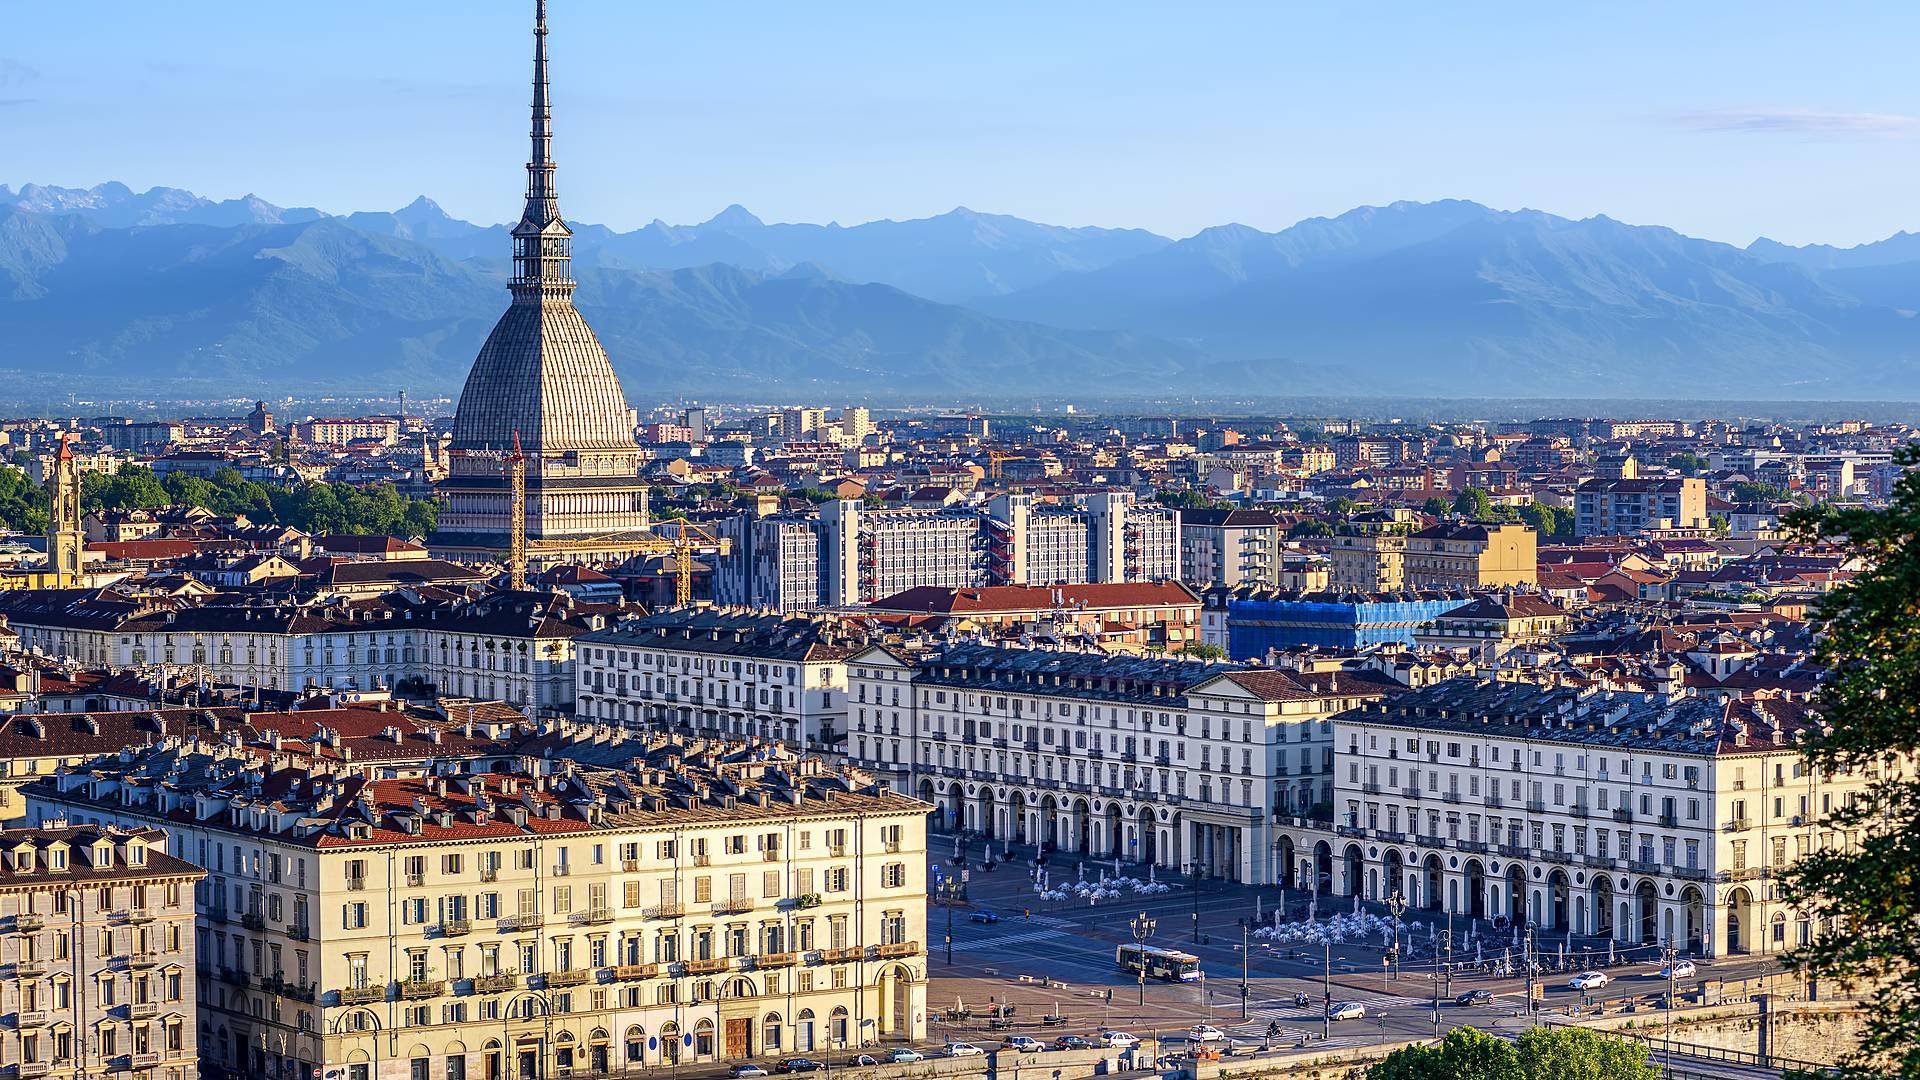 Piemonte Reale